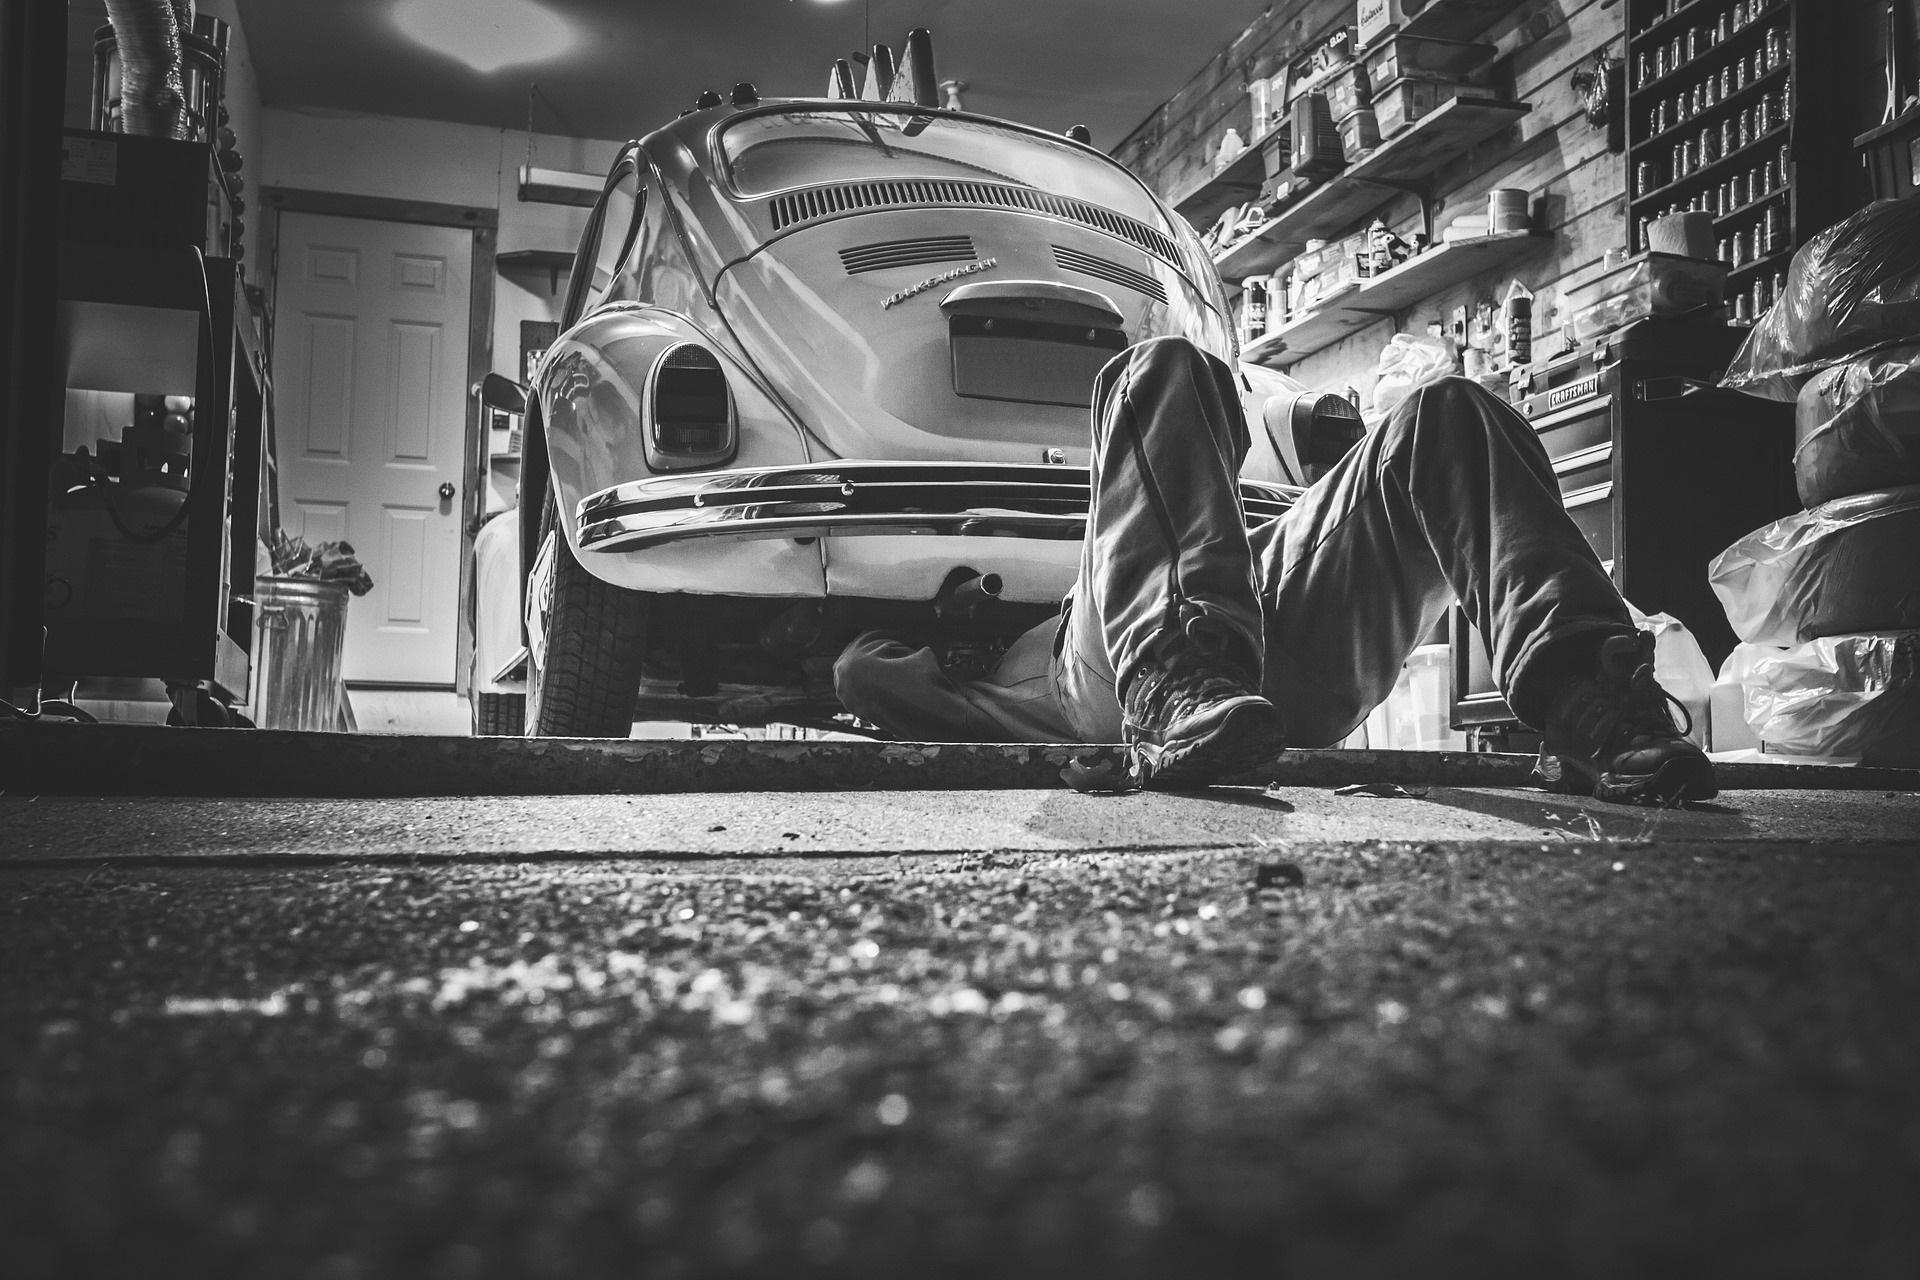 serwis samochodowy - chiptuning